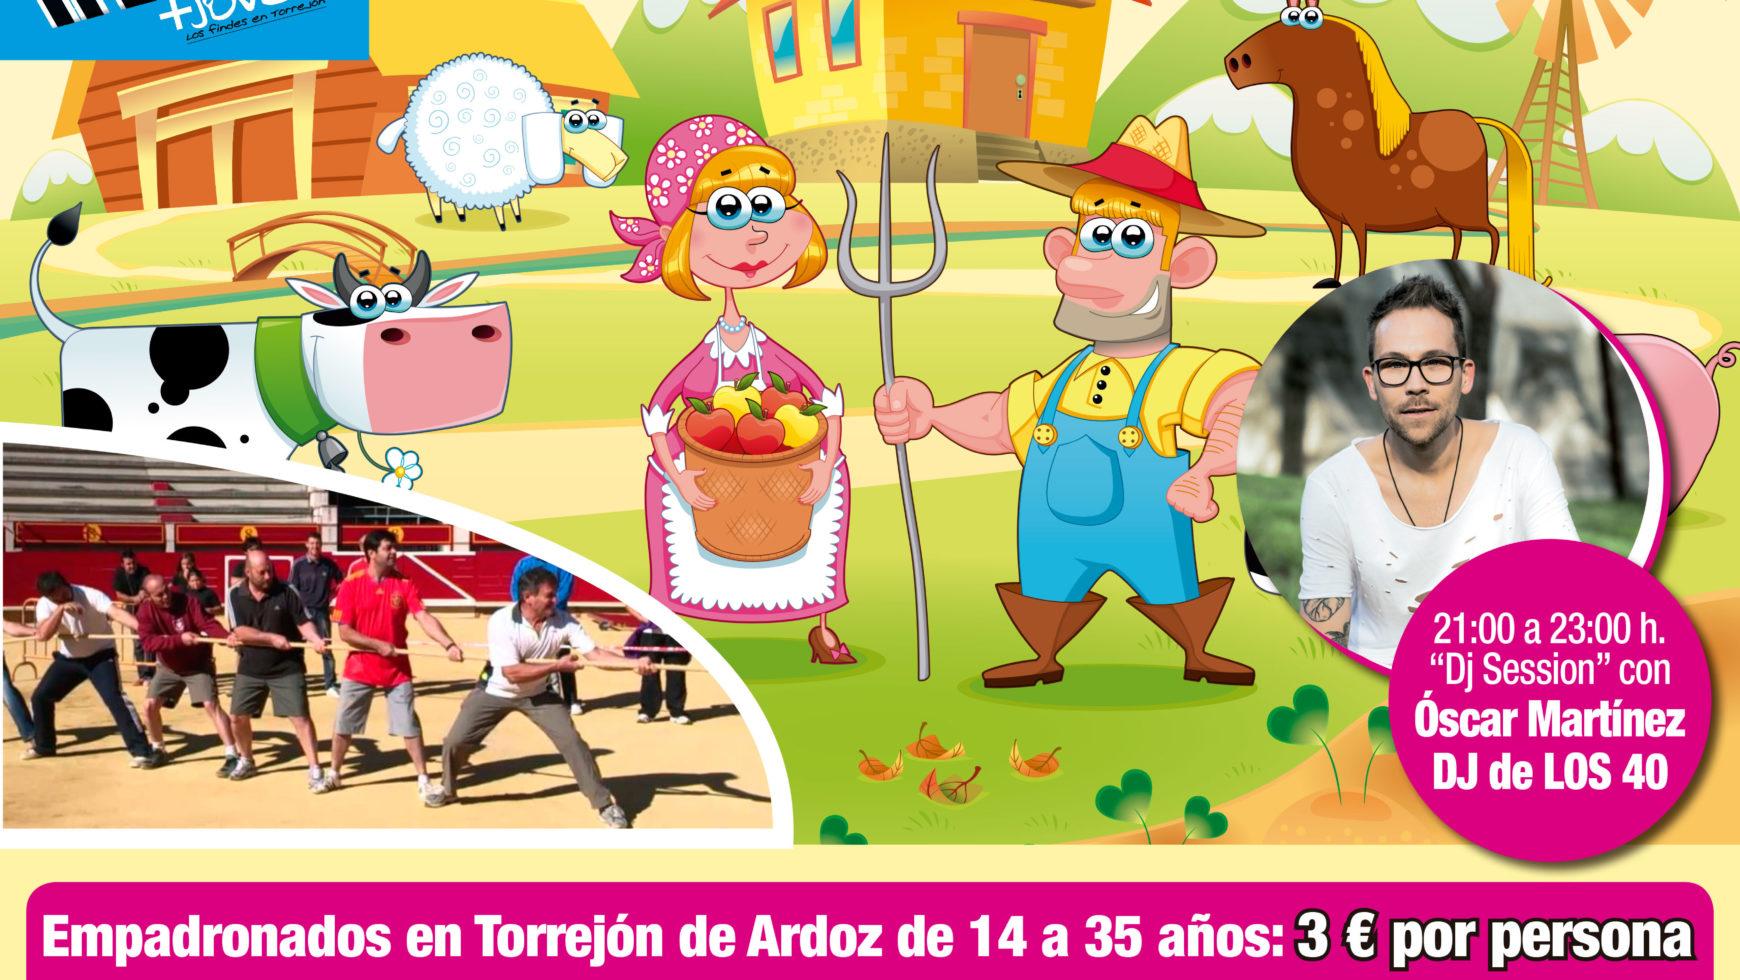 La gran gymkana Farm llegó a Torrejón de Ardoz